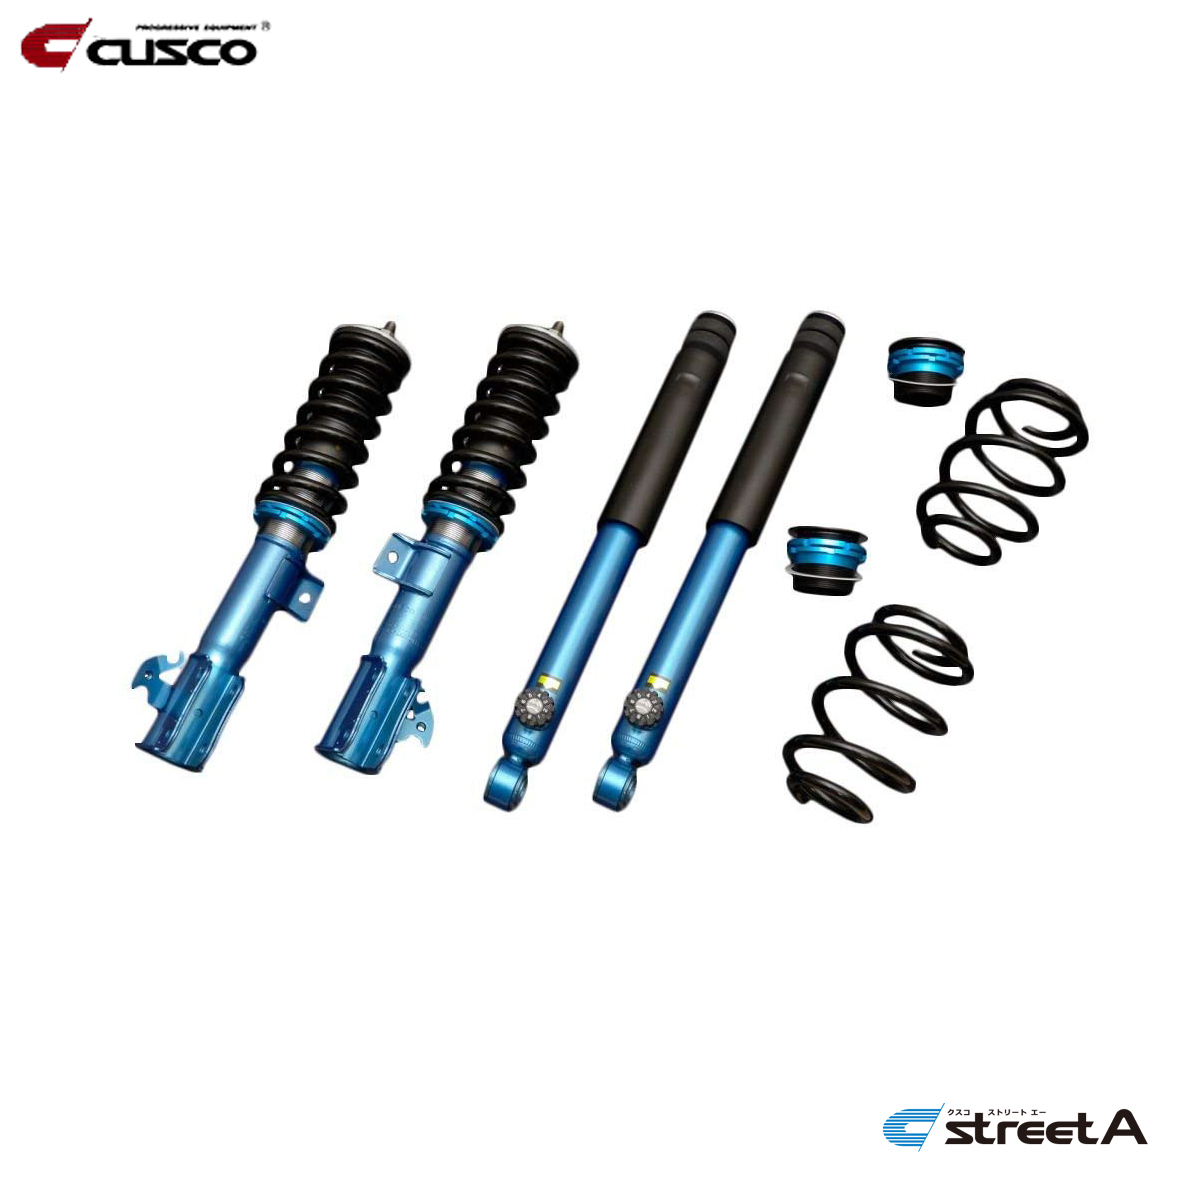 正規通販 CUSCO 471-62J-CBA クスコ アクセラスポーツ BL5FW 全長固定式 BL5FW BLEFW 車高調 全長固定式 471-62J-CBA, ベッド寝具雑貨 B&Bスタイル:af27e6c6 --- easyacesynergy.com